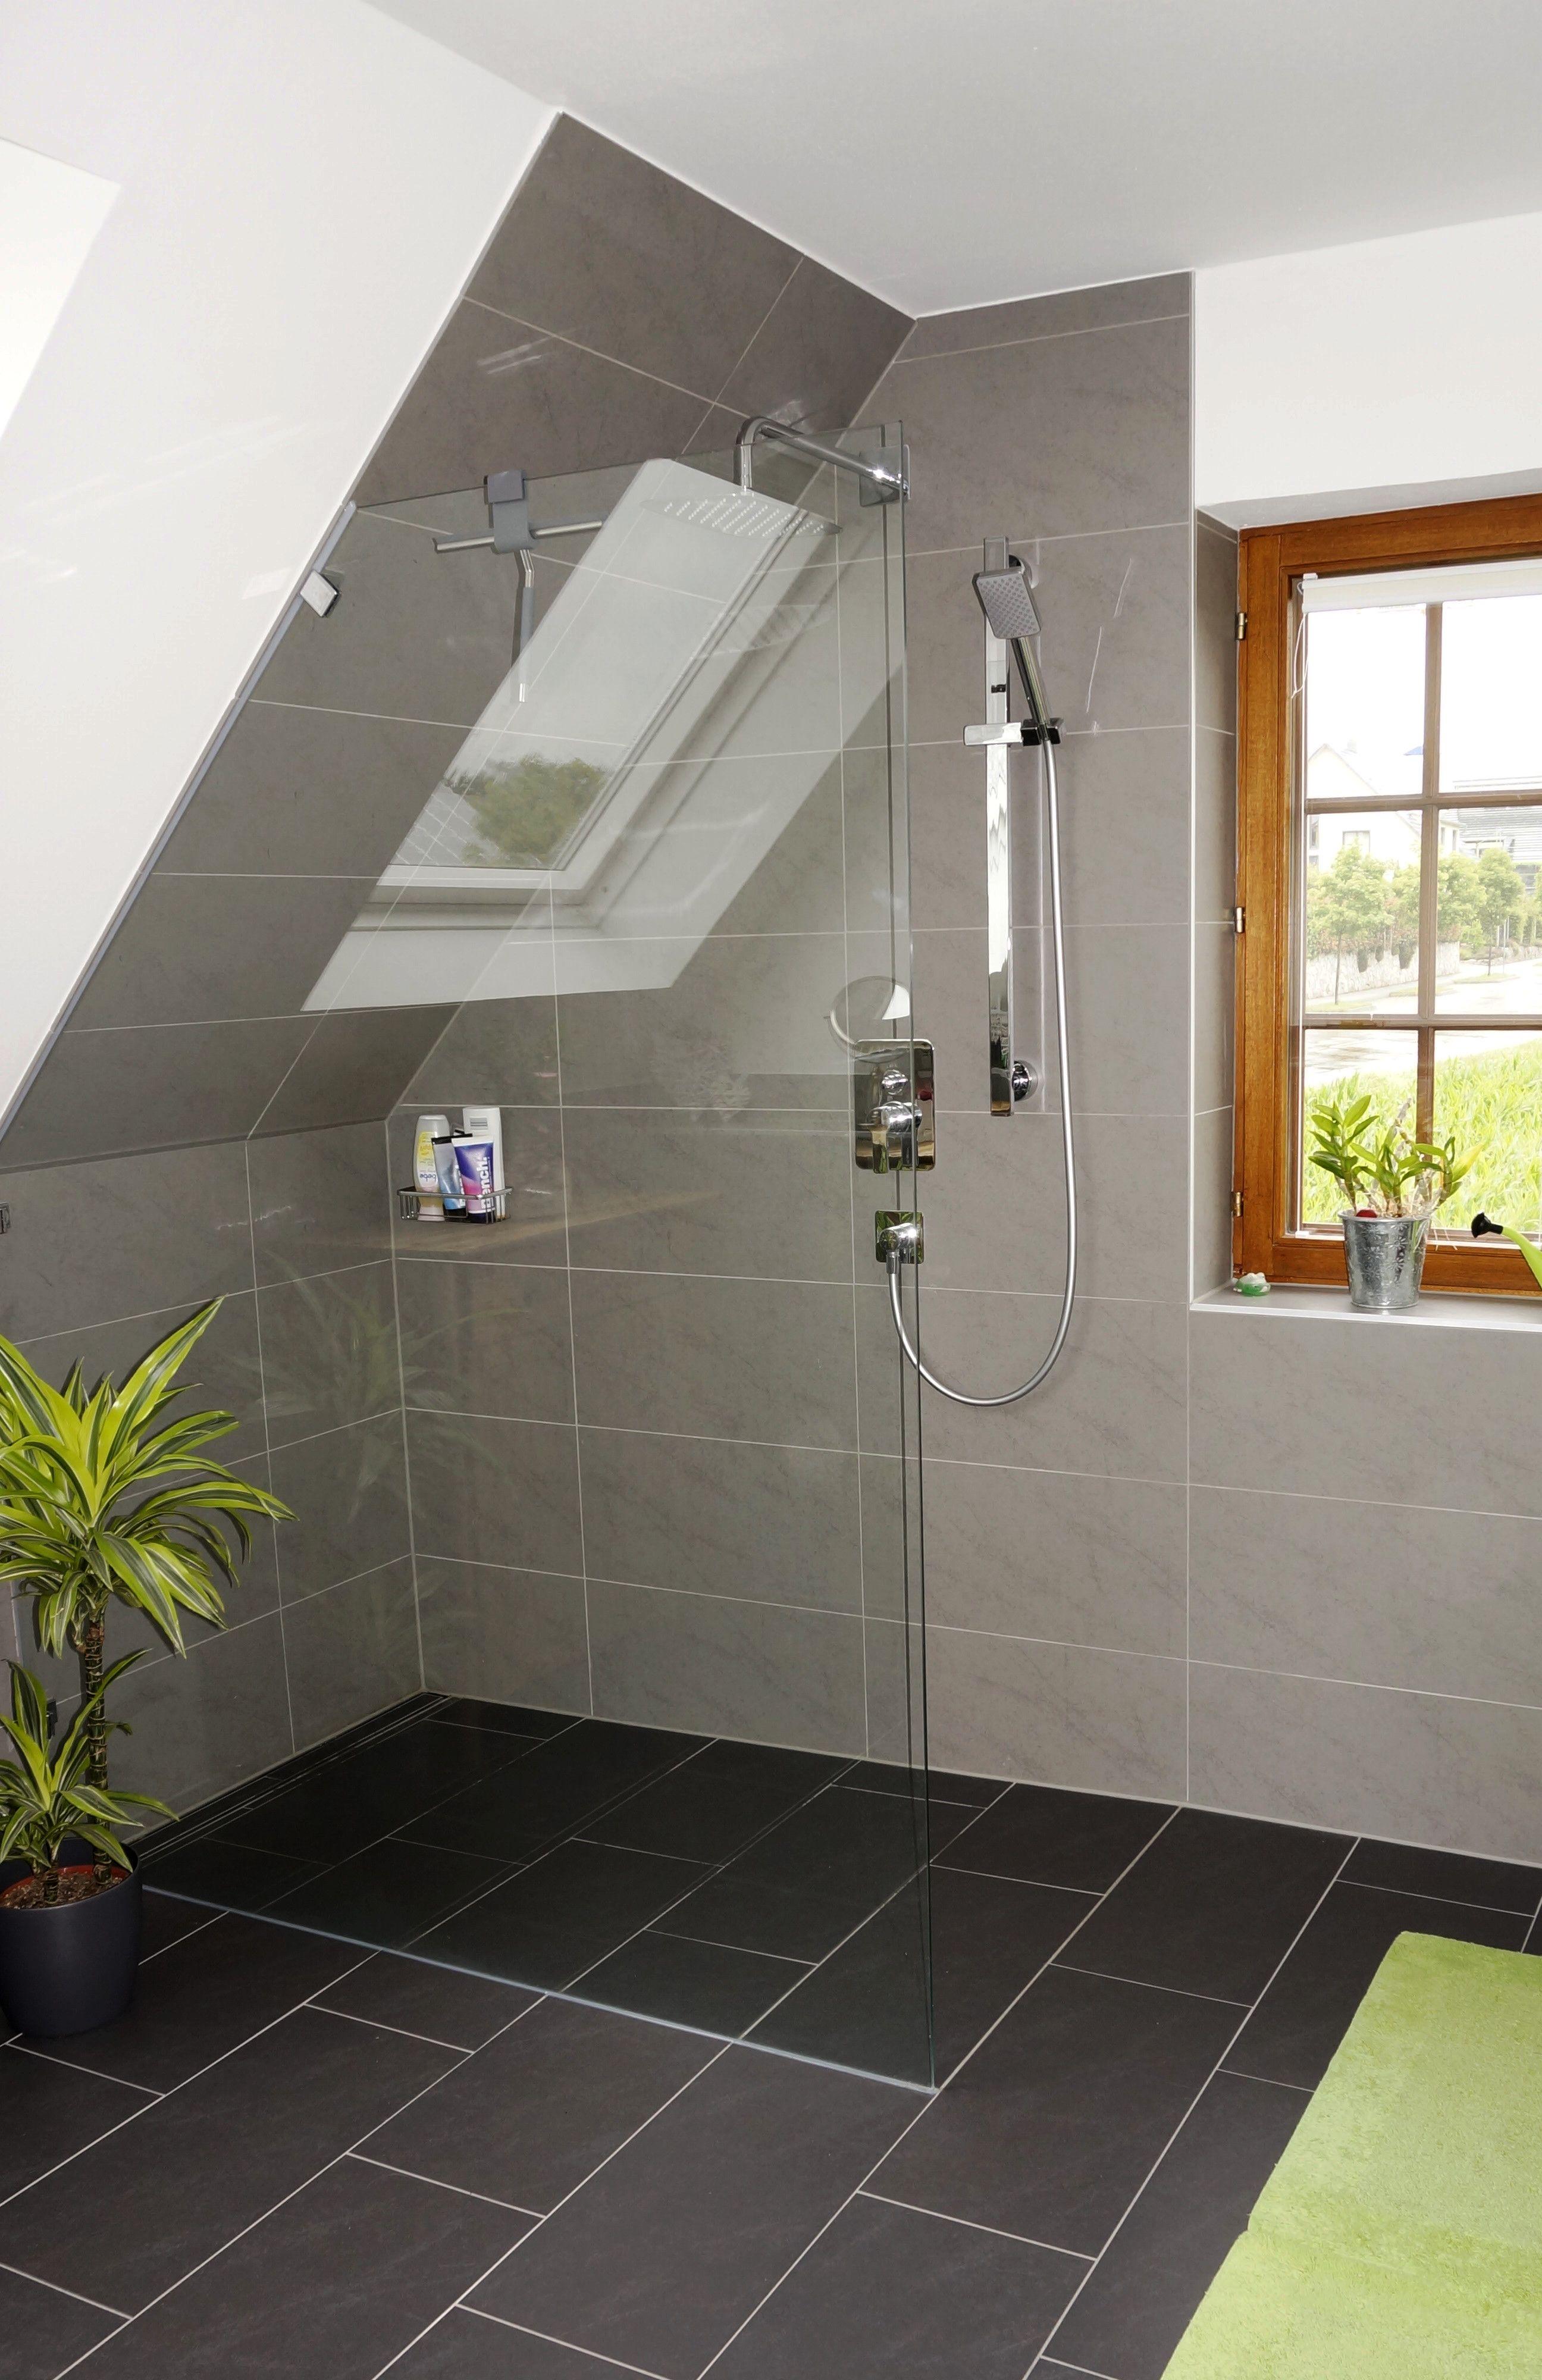 Graues Badezimmer mit maritimem Touch │14467 │ Potsdam   Badezimmer dachschräge, Badezimmer und ...